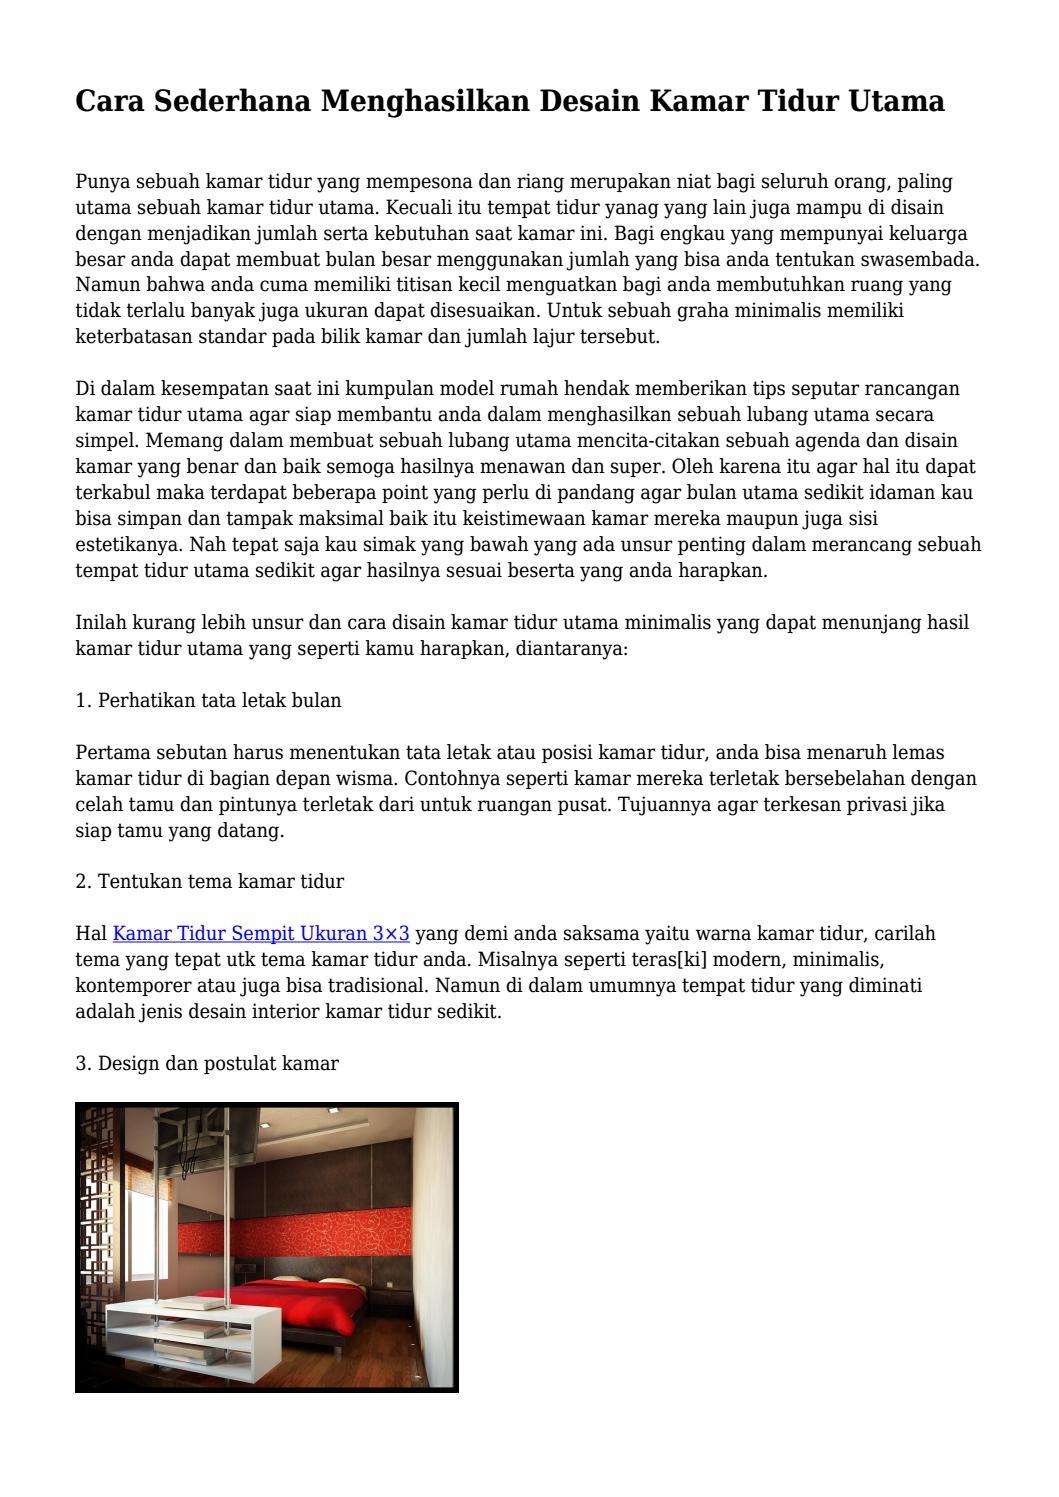 Cara Sederhana Menghasilkan Desain Kamar Tidur Utama By